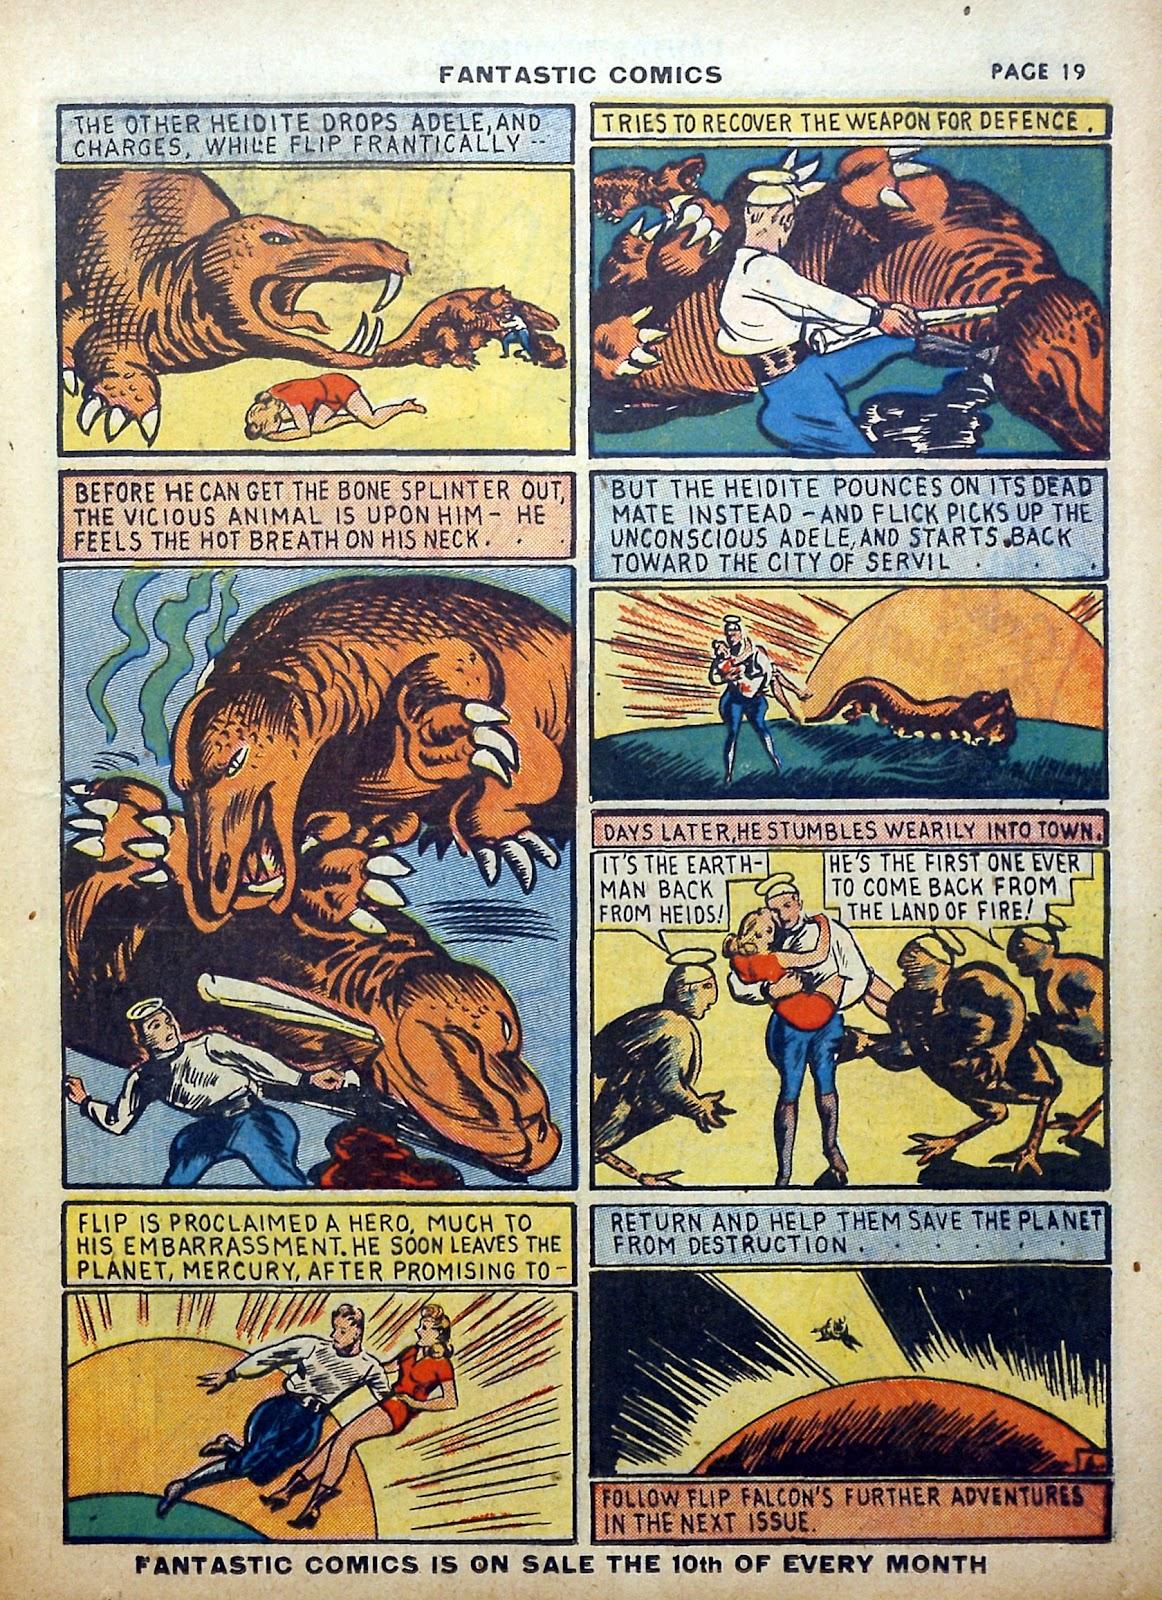 Read online Fantastic Comics comic -  Issue #5 - 20